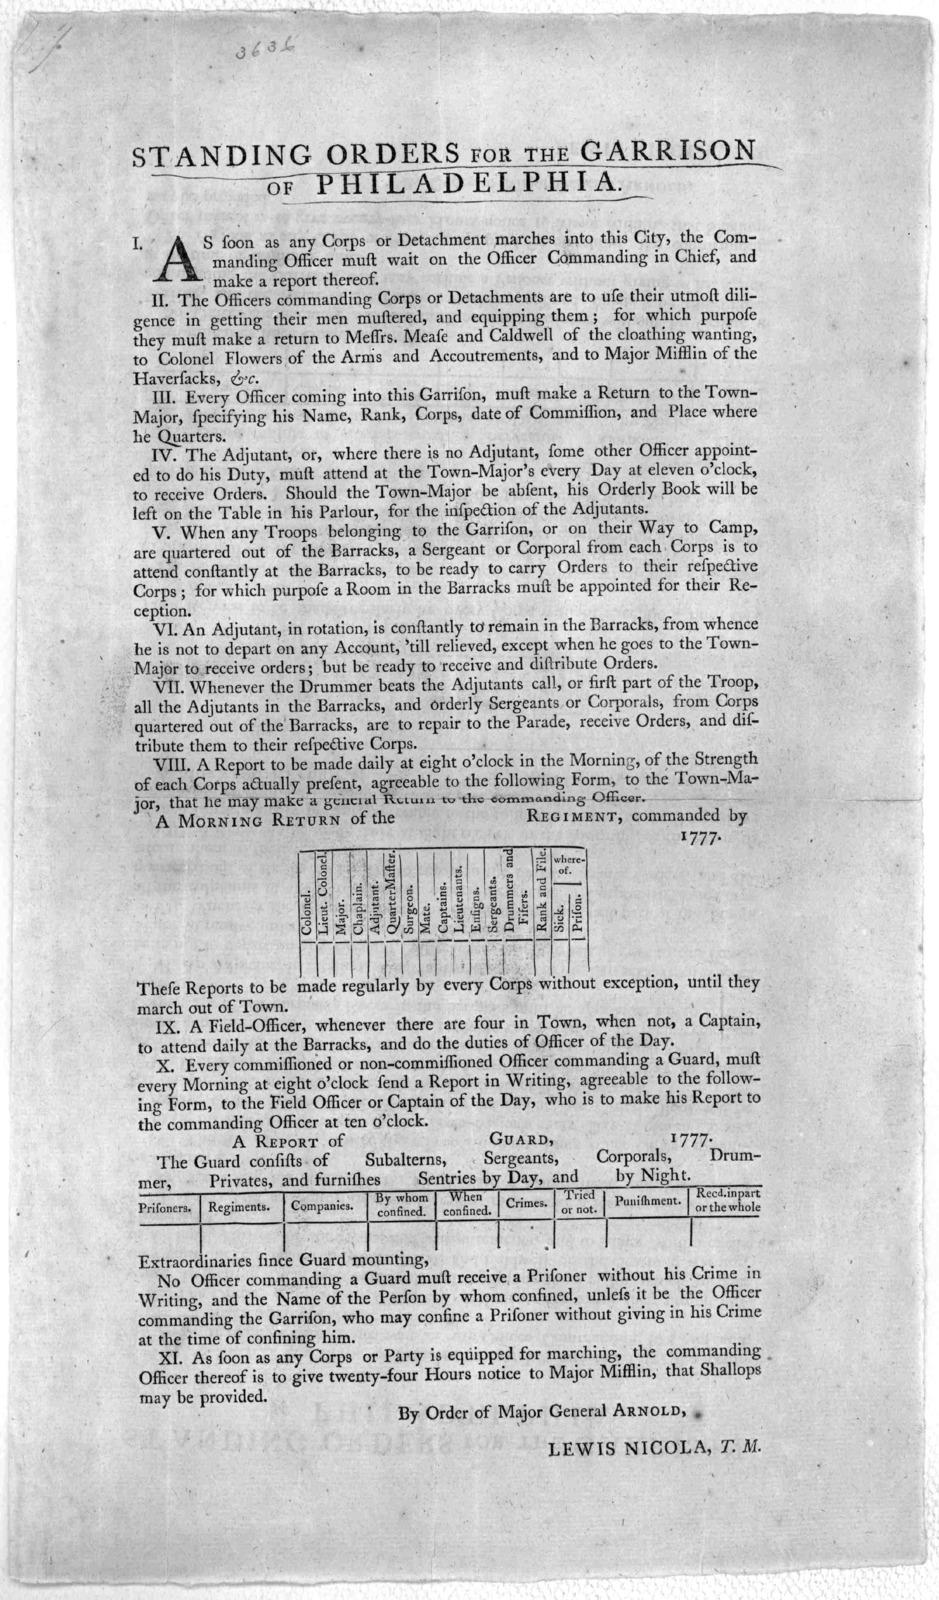 Standing orders for the garrison of Philadelphia ... By order of Major General Arnold. Lewis Nicola, T. N. [Philadelphia: Printed by Robert Aitken 1777].